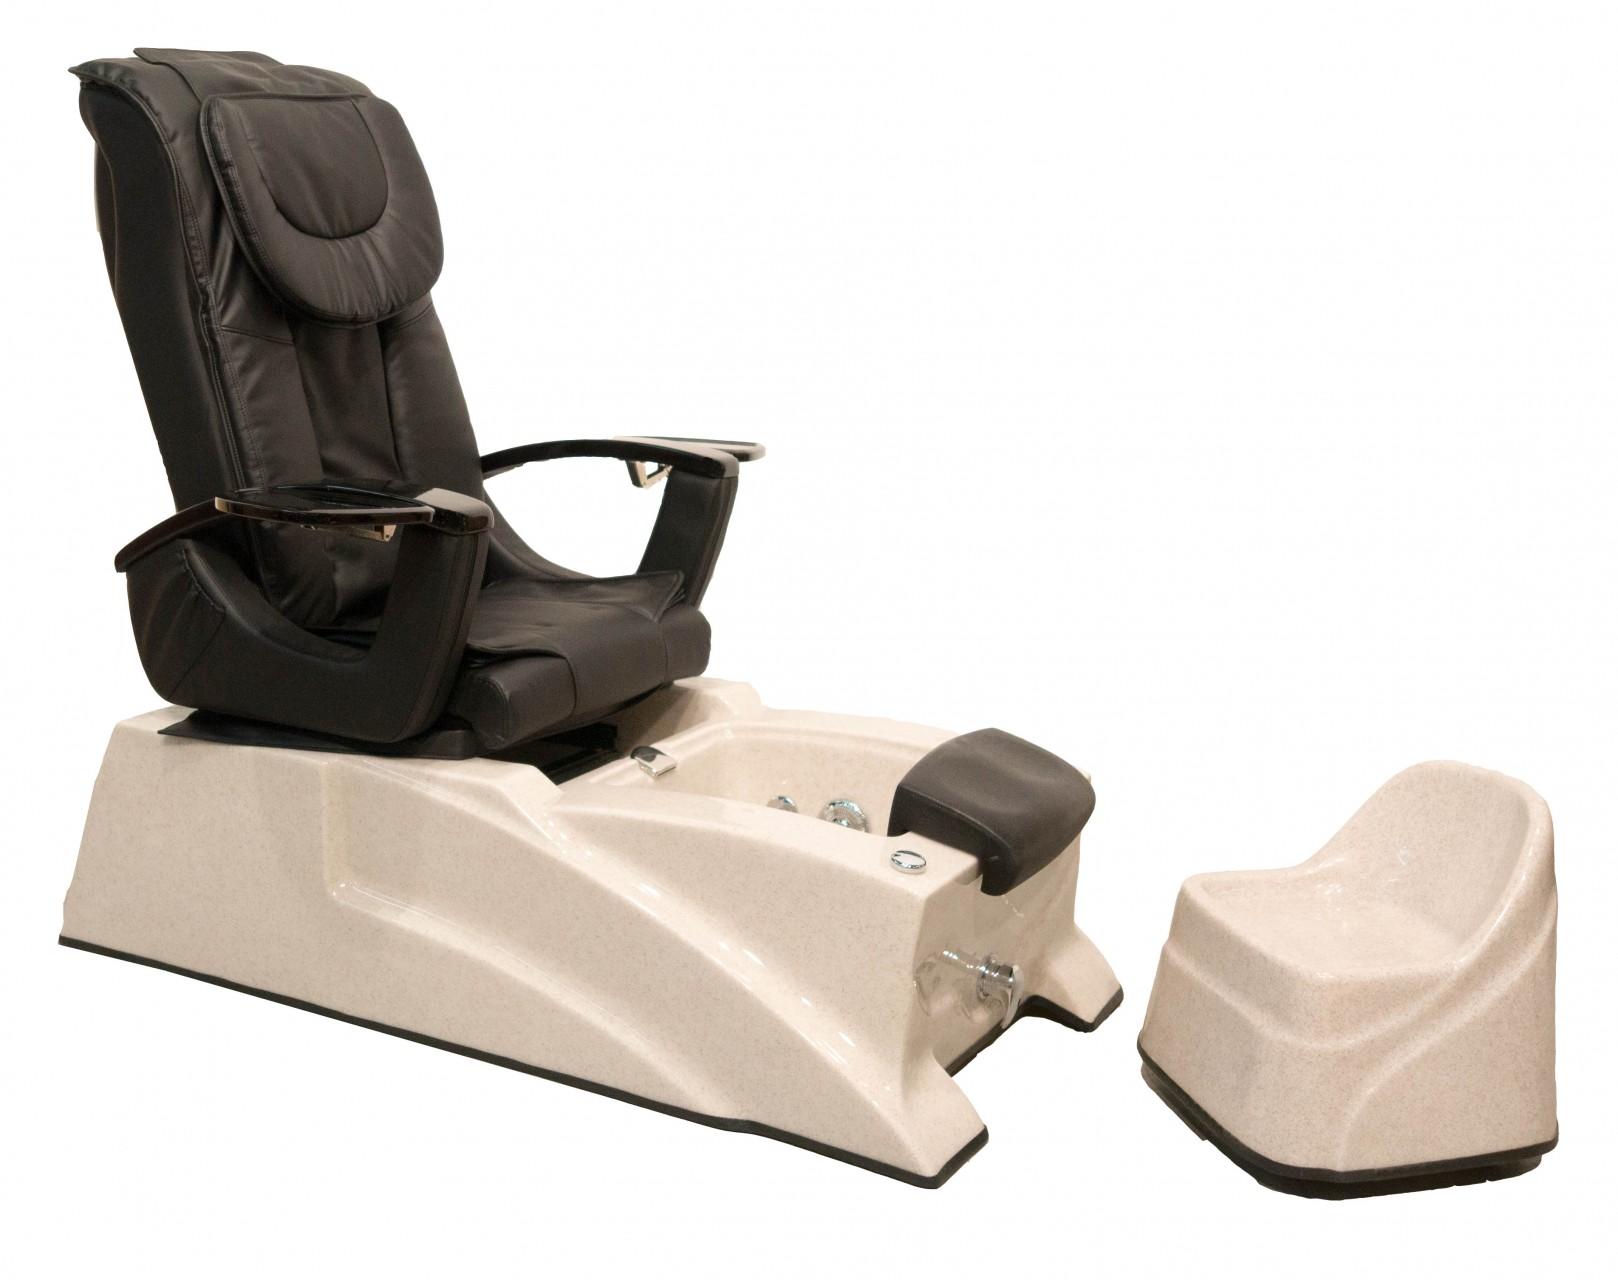 Elektrische Pedicure Stoel : Op zoek naar een spa pedicure massagestoel? lees de ervaringen